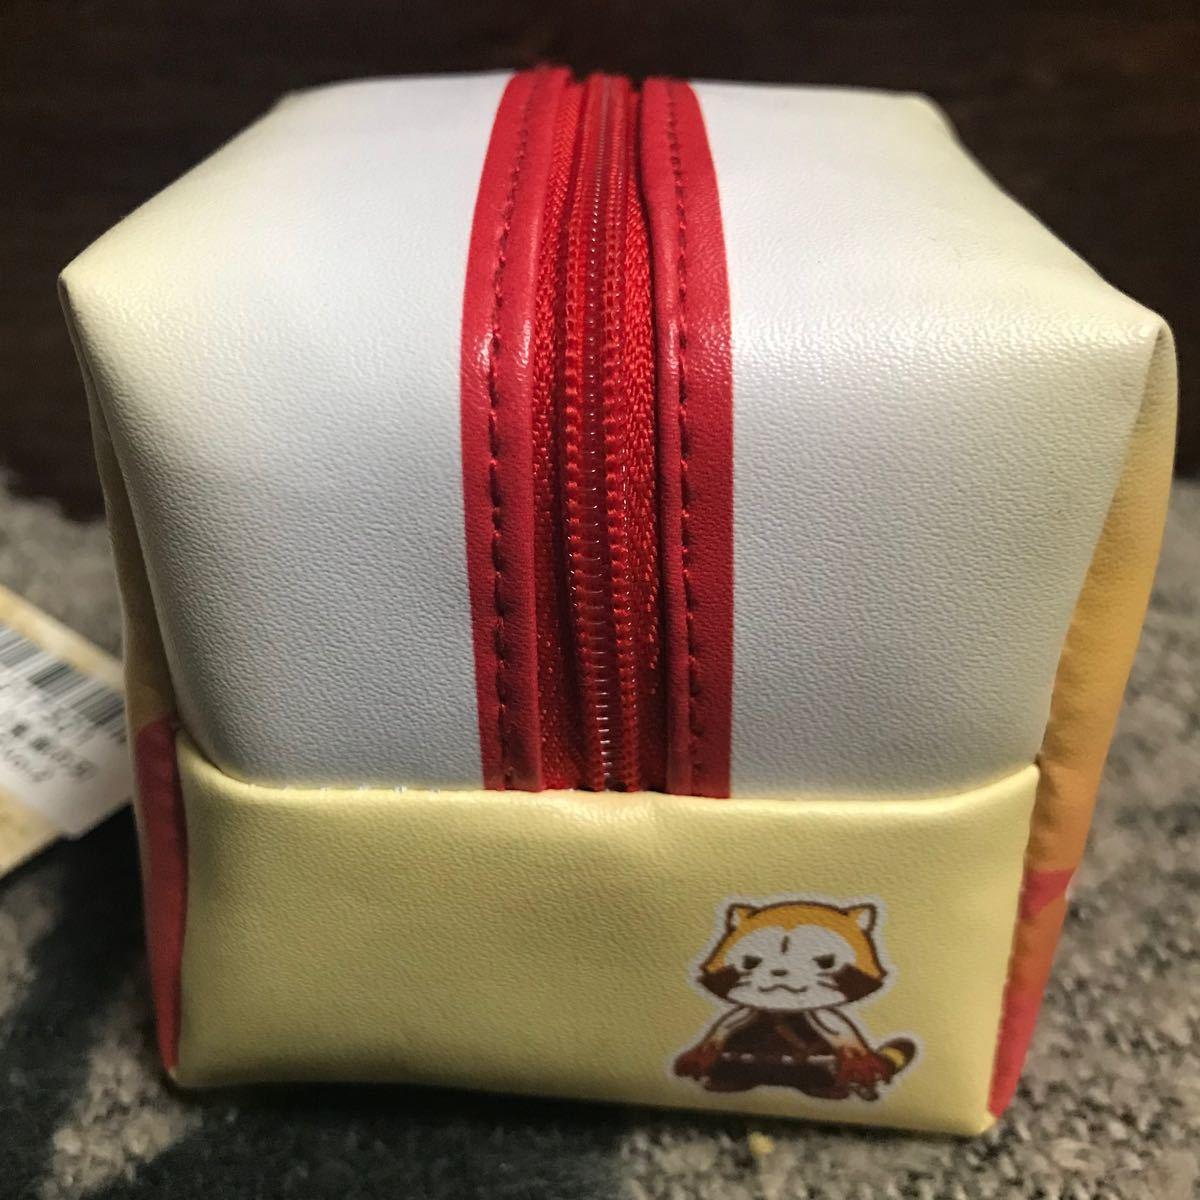 【煉獄杏寿郎】鬼滅の刃 × ラスカル スクエアポーチVol.2